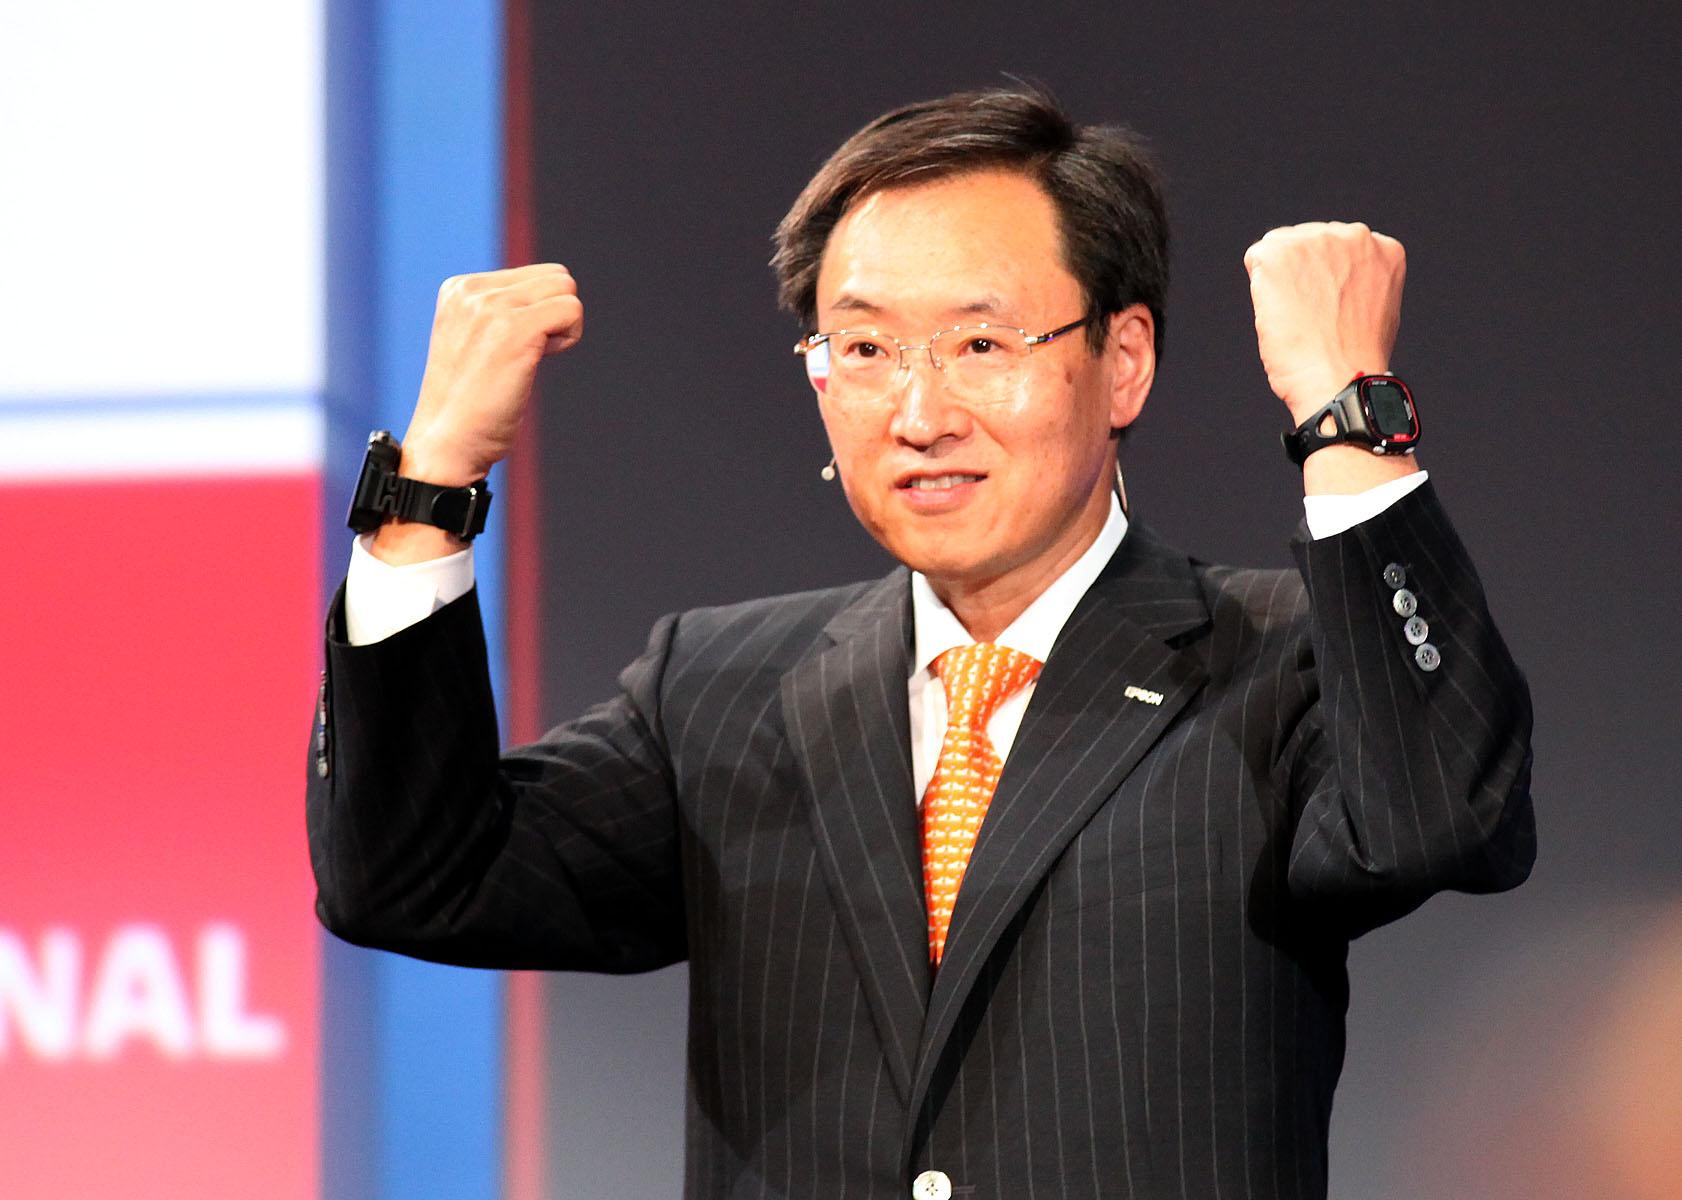 Minoru Usui, president, Seiko Epson